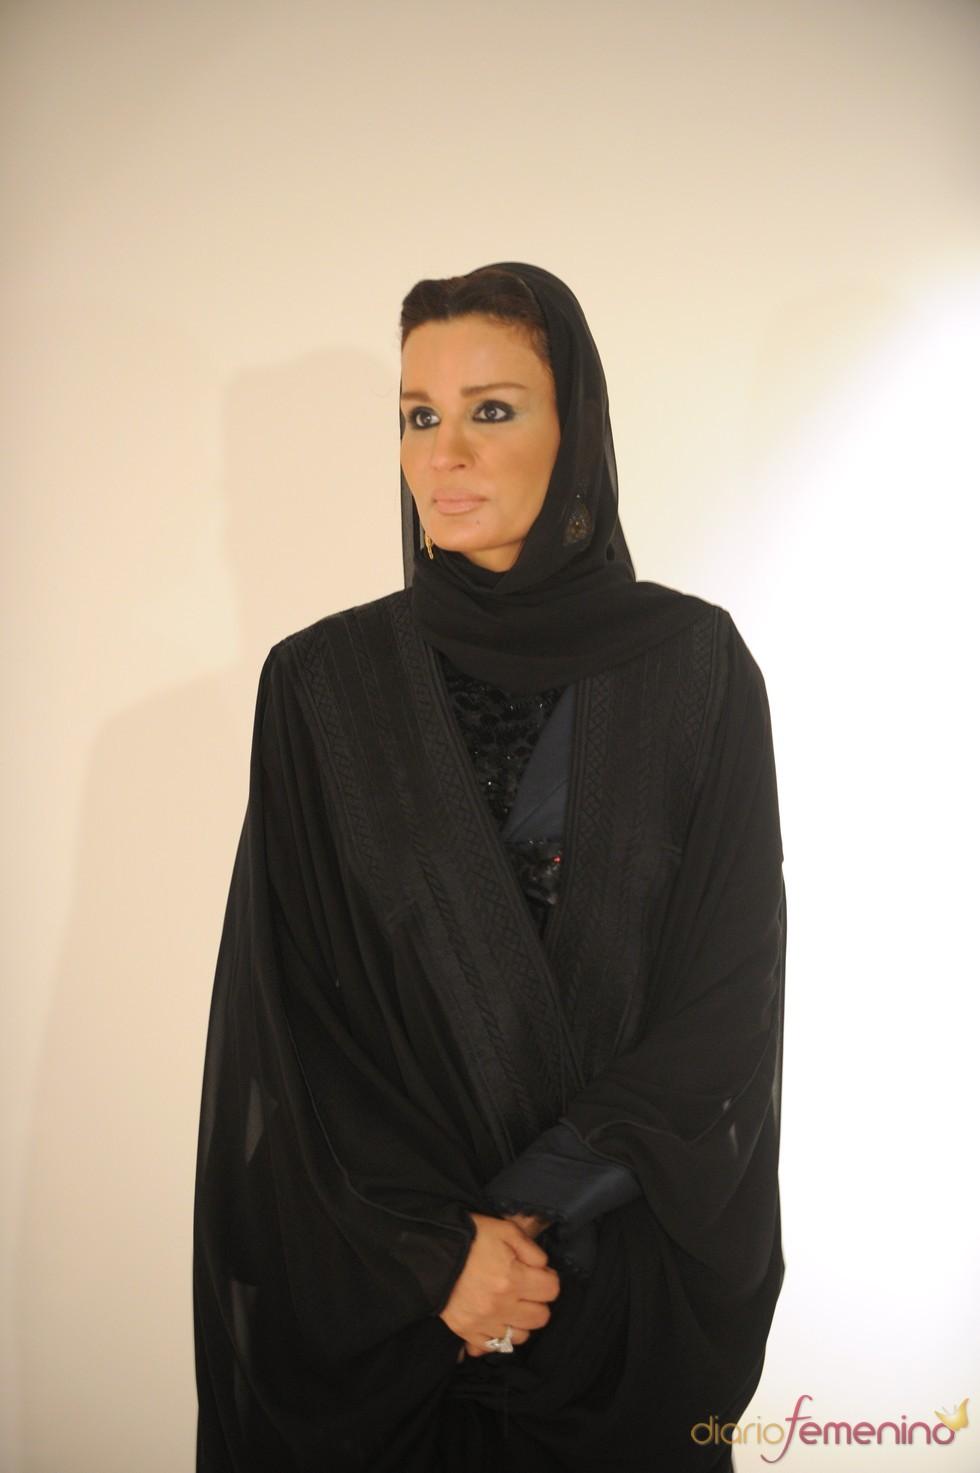 Sheikha Mozah Bint Nasser Al Missned, jequesa de Qatar